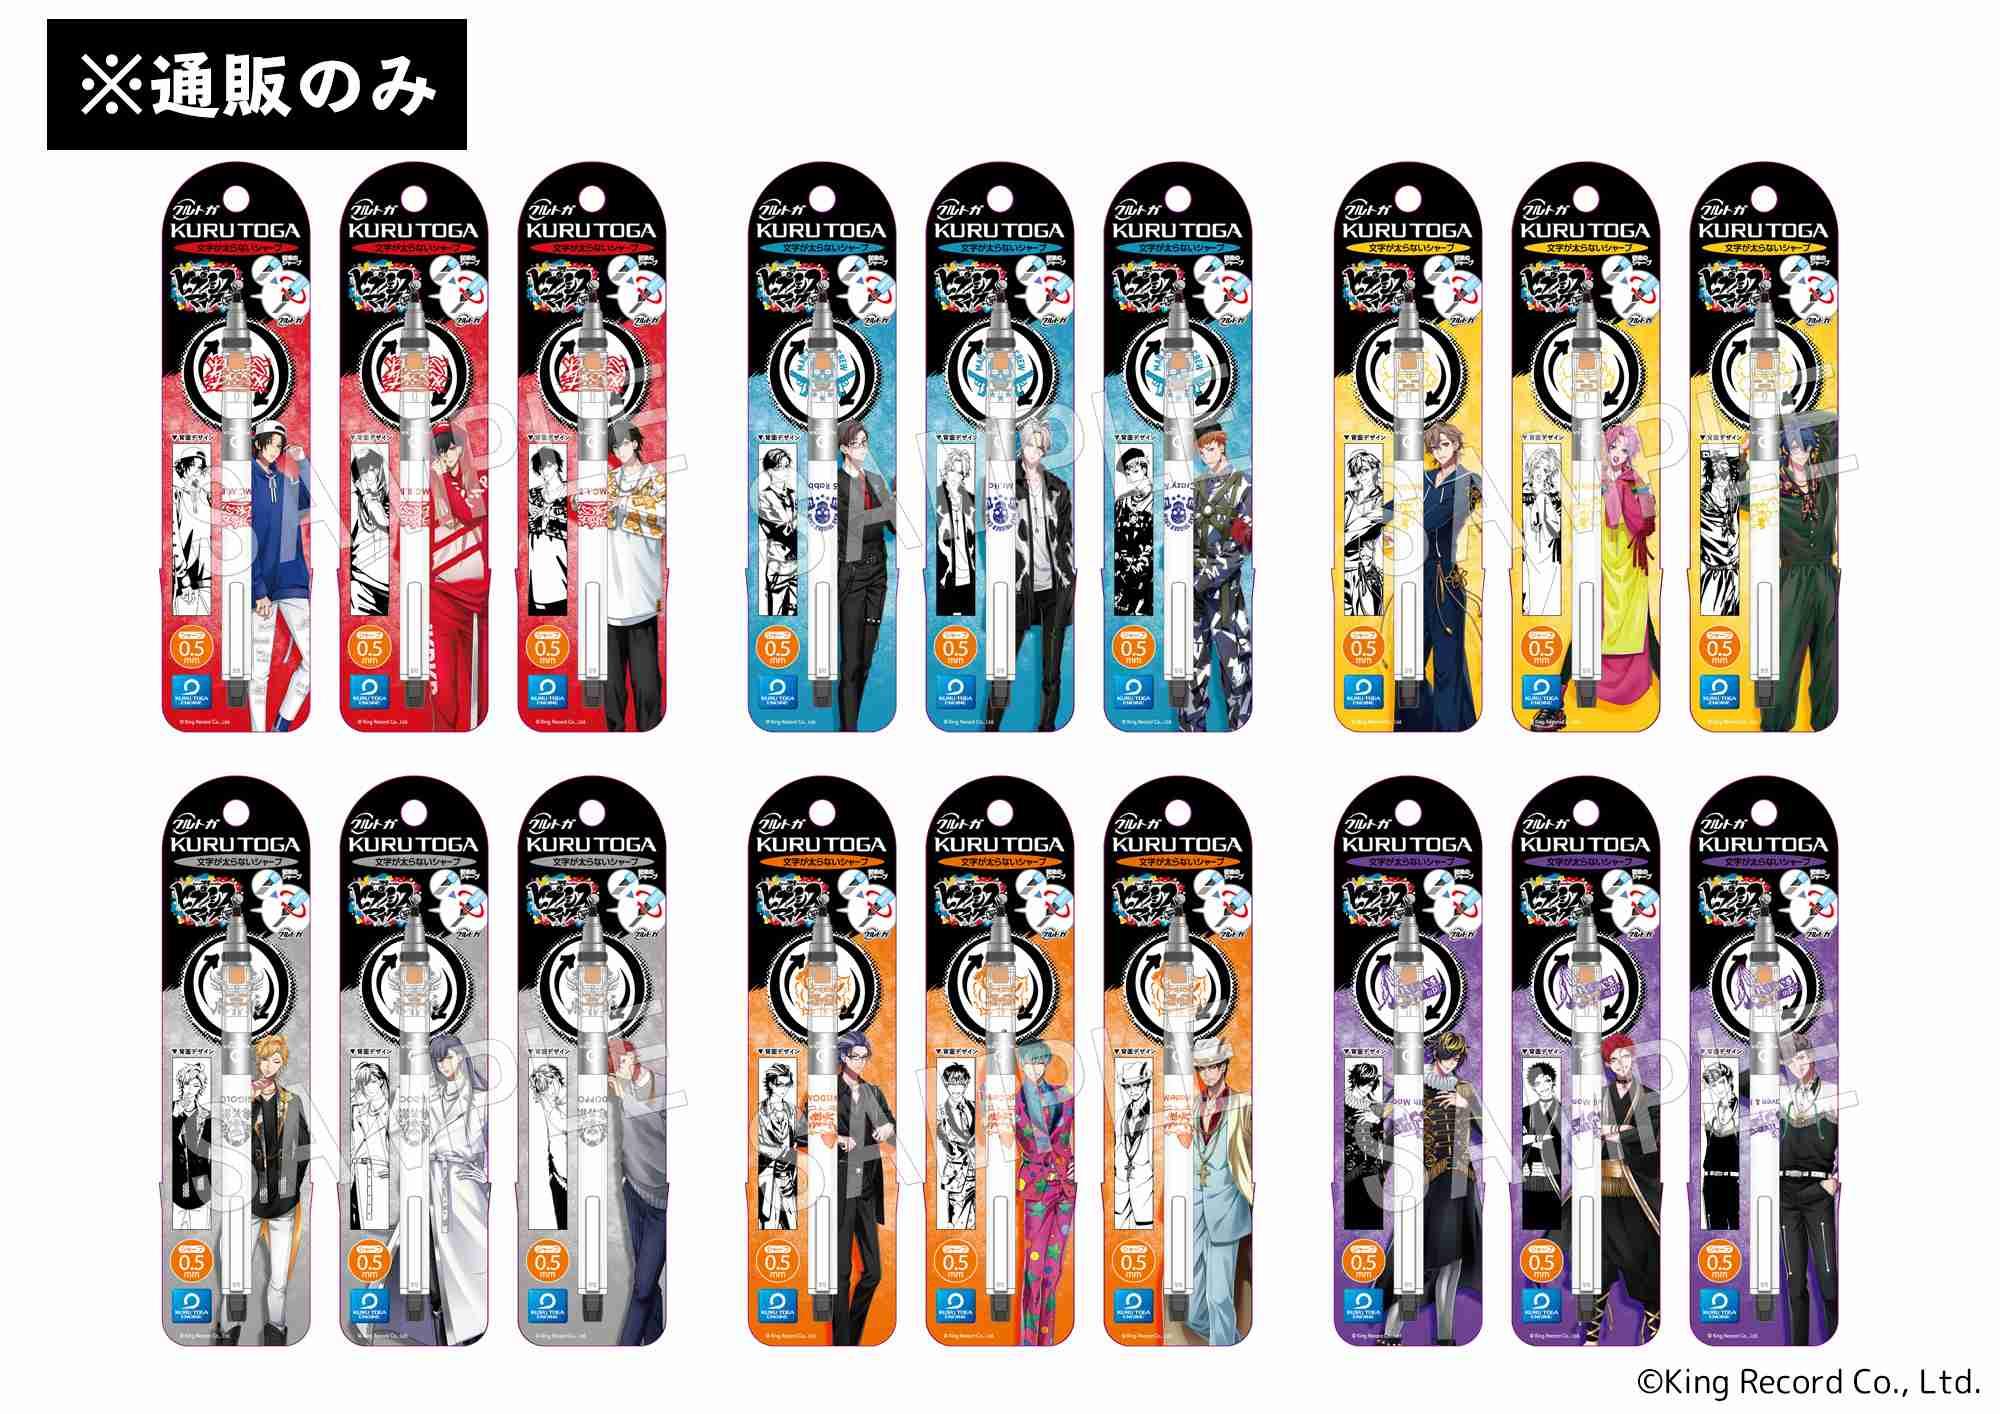 「マルイノアニメオンラインショップ」先行販売商品 クルトガ(全18種)